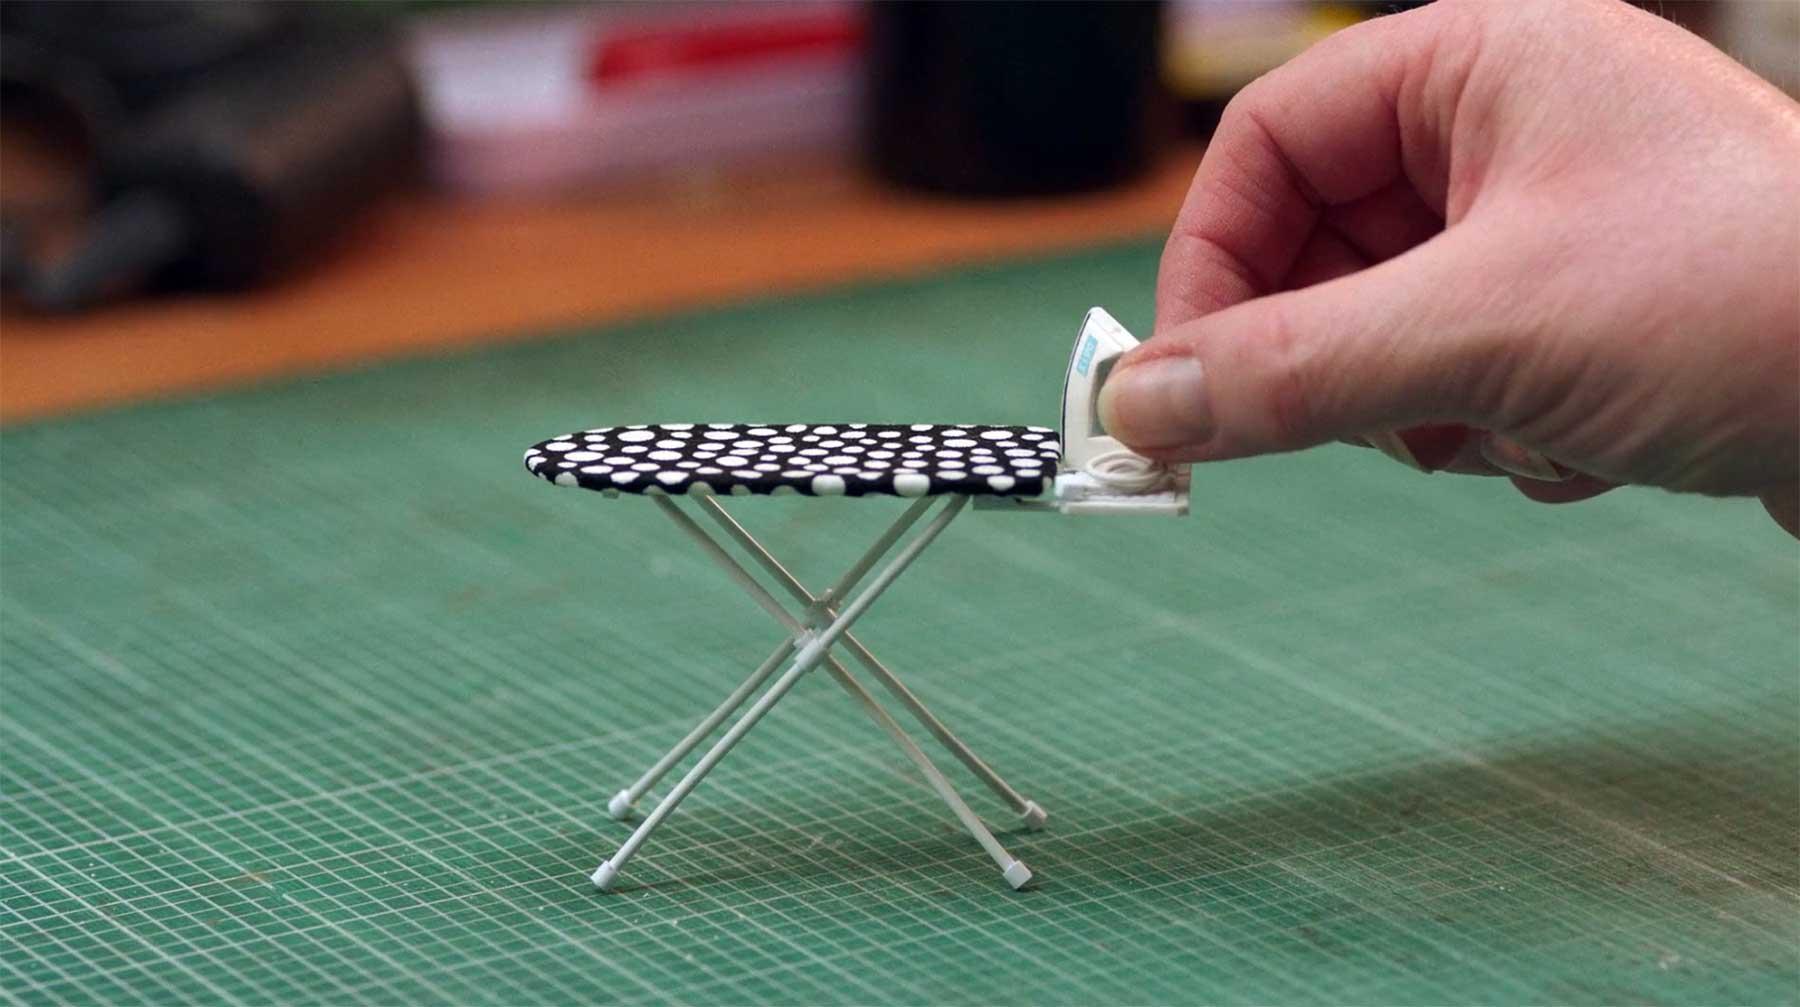 Videoportrait über Miniatur-Künstlerin Kath Holden